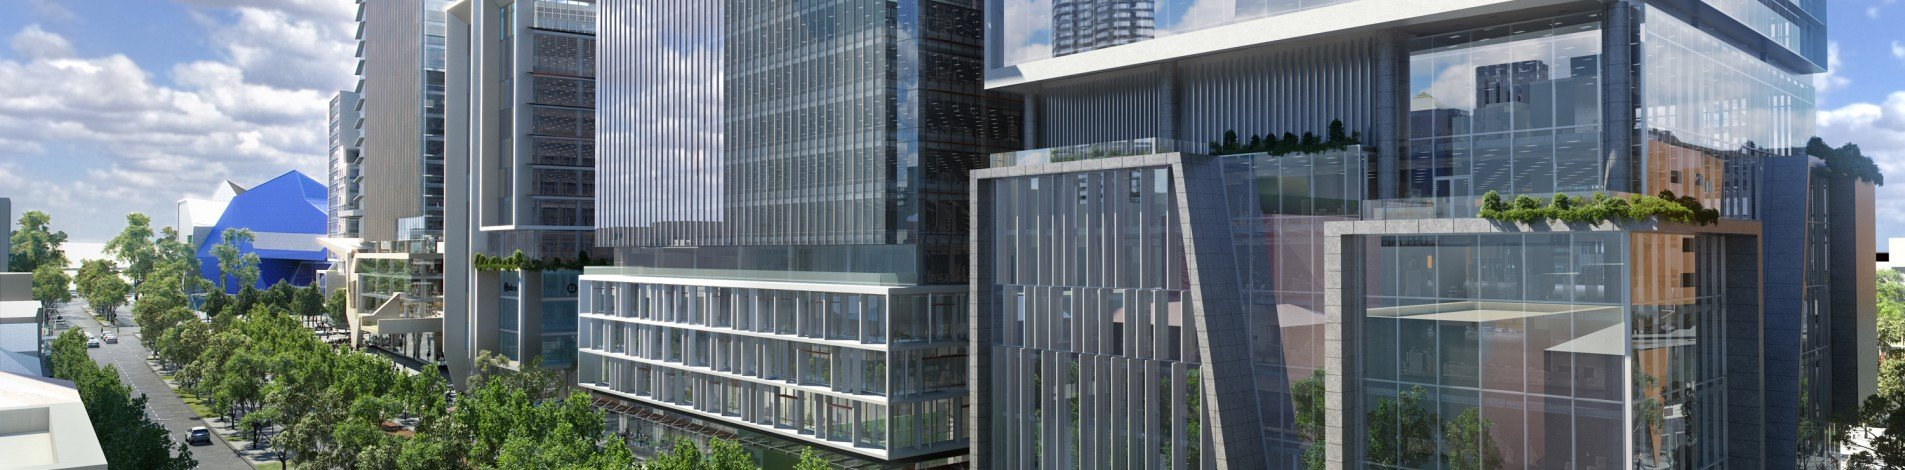 KS4 Building